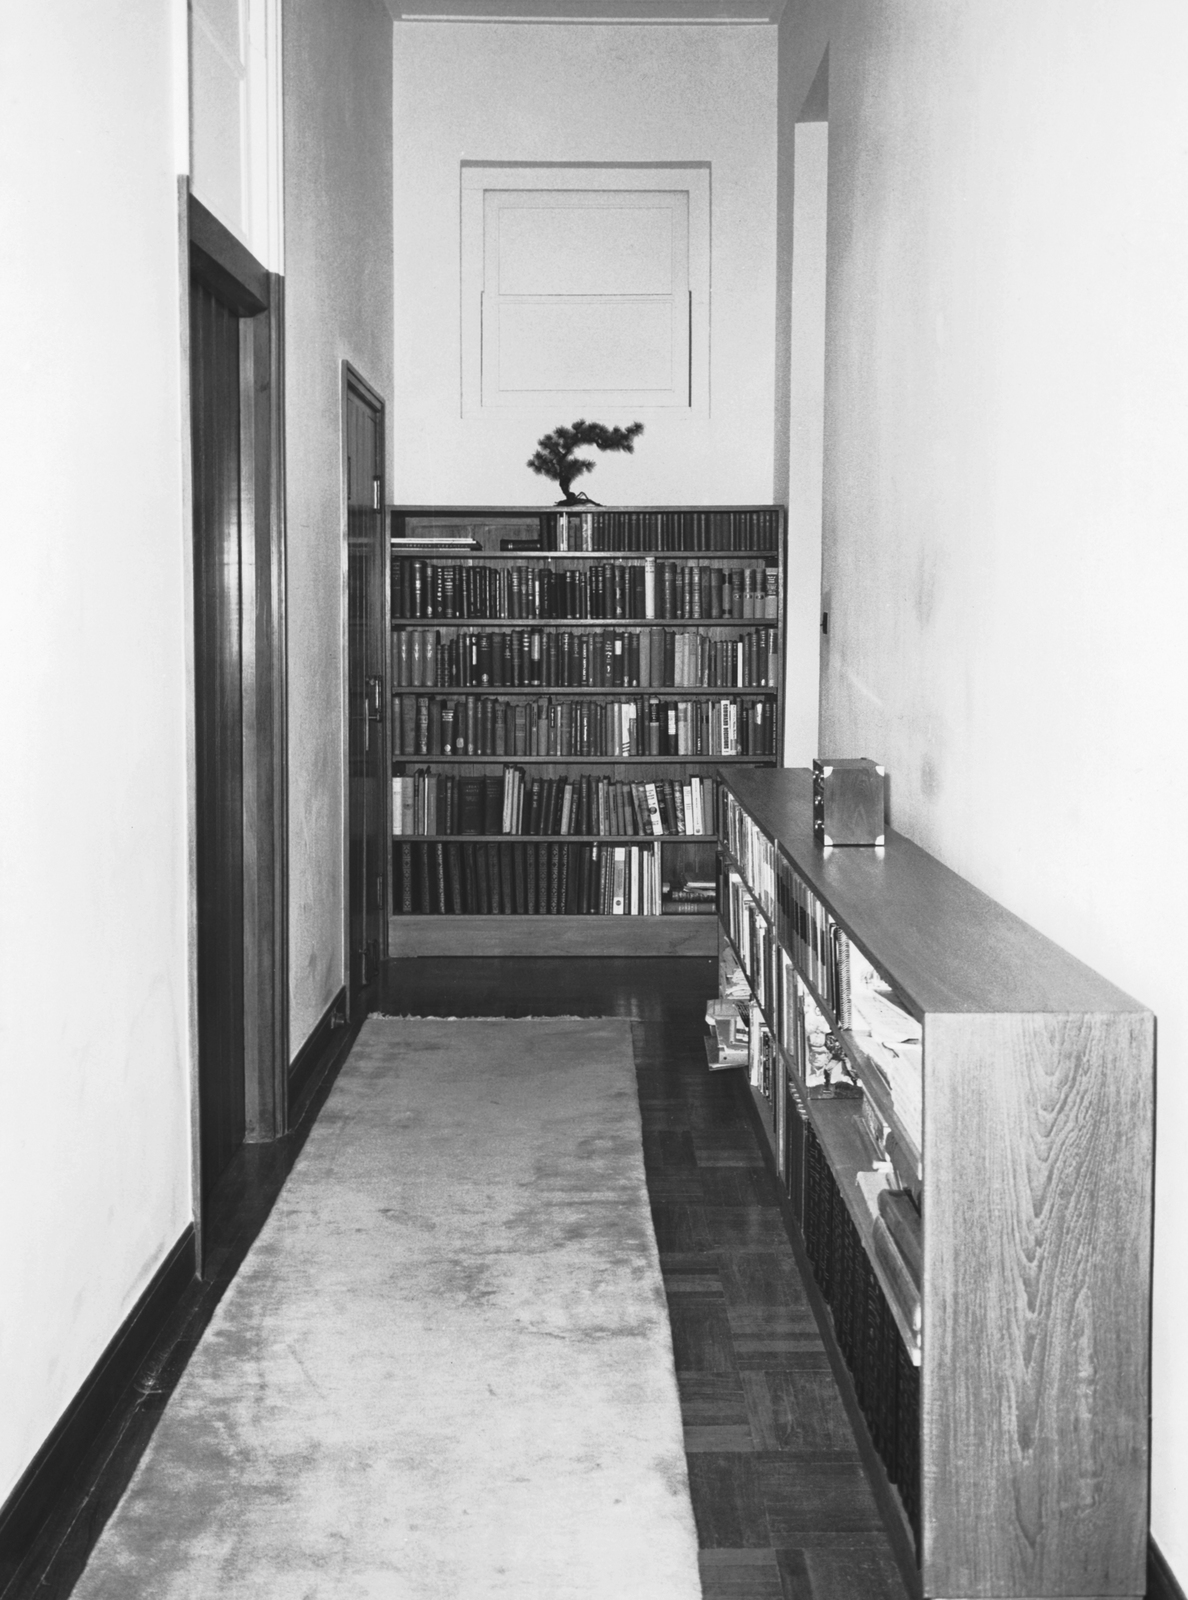 Hong Kong - Principal Officer/Consul General Residence - 1963